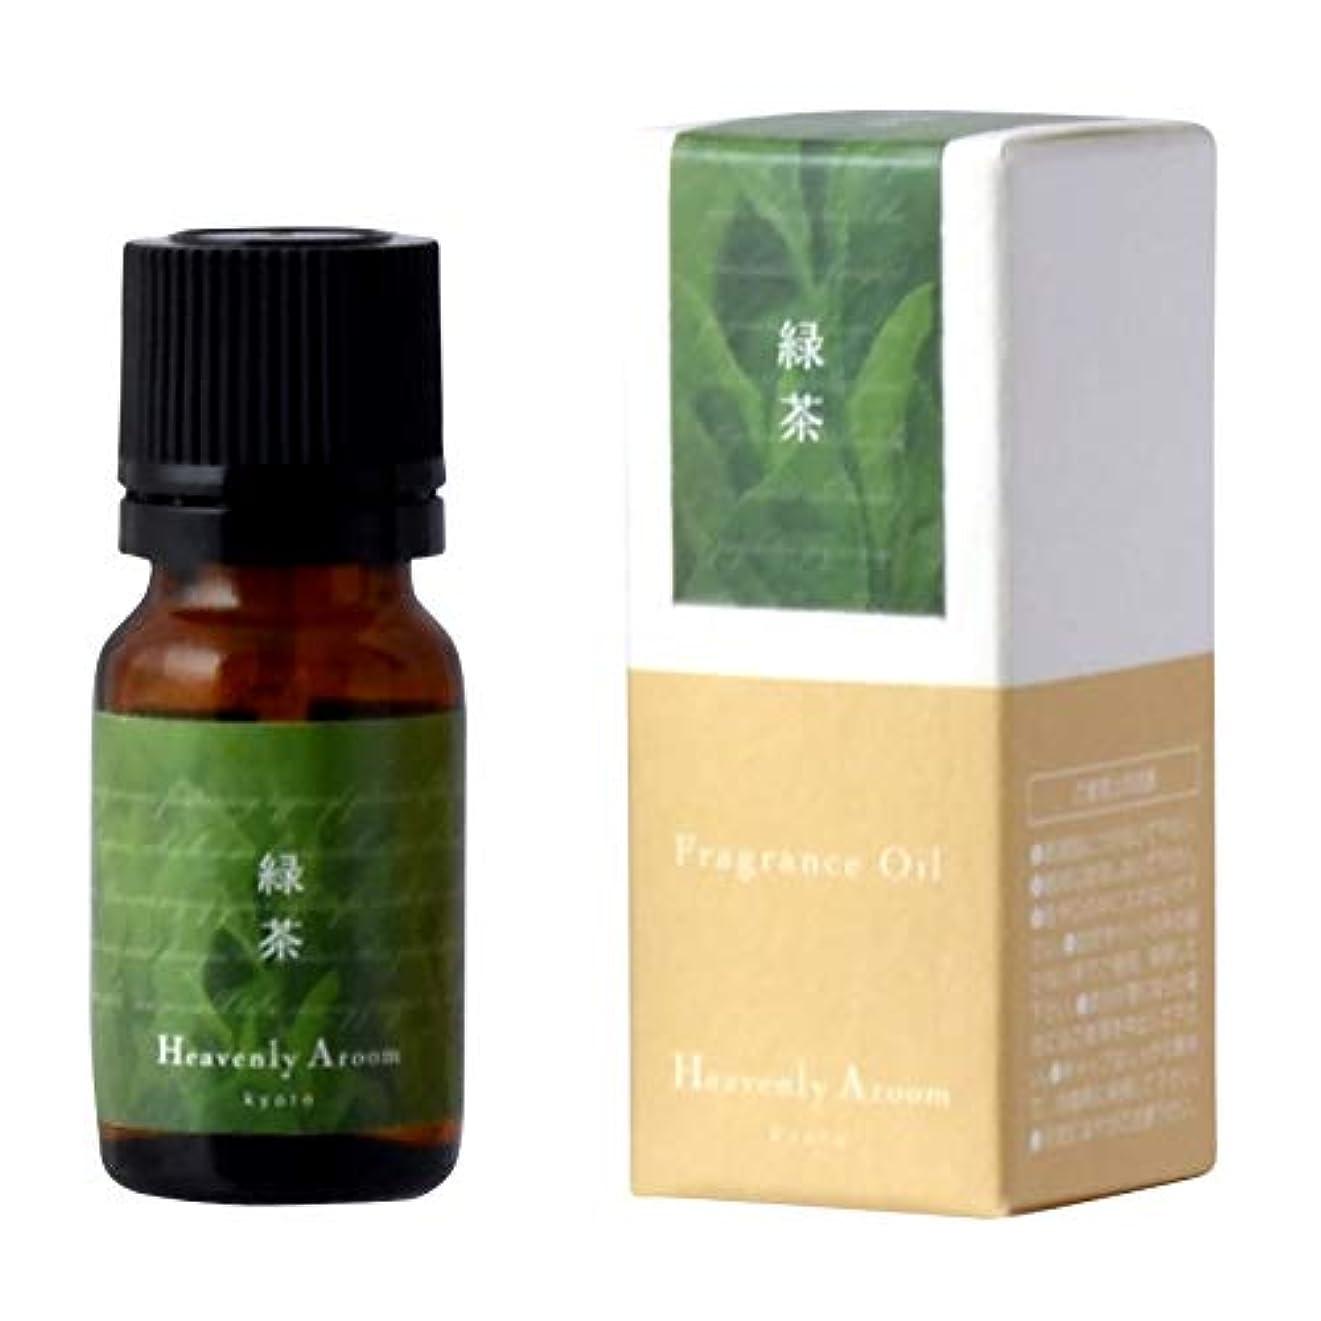 ヘロイン飛ぶ大理石Heavenly Aroom フレグランスオイル 緑茶 10ml